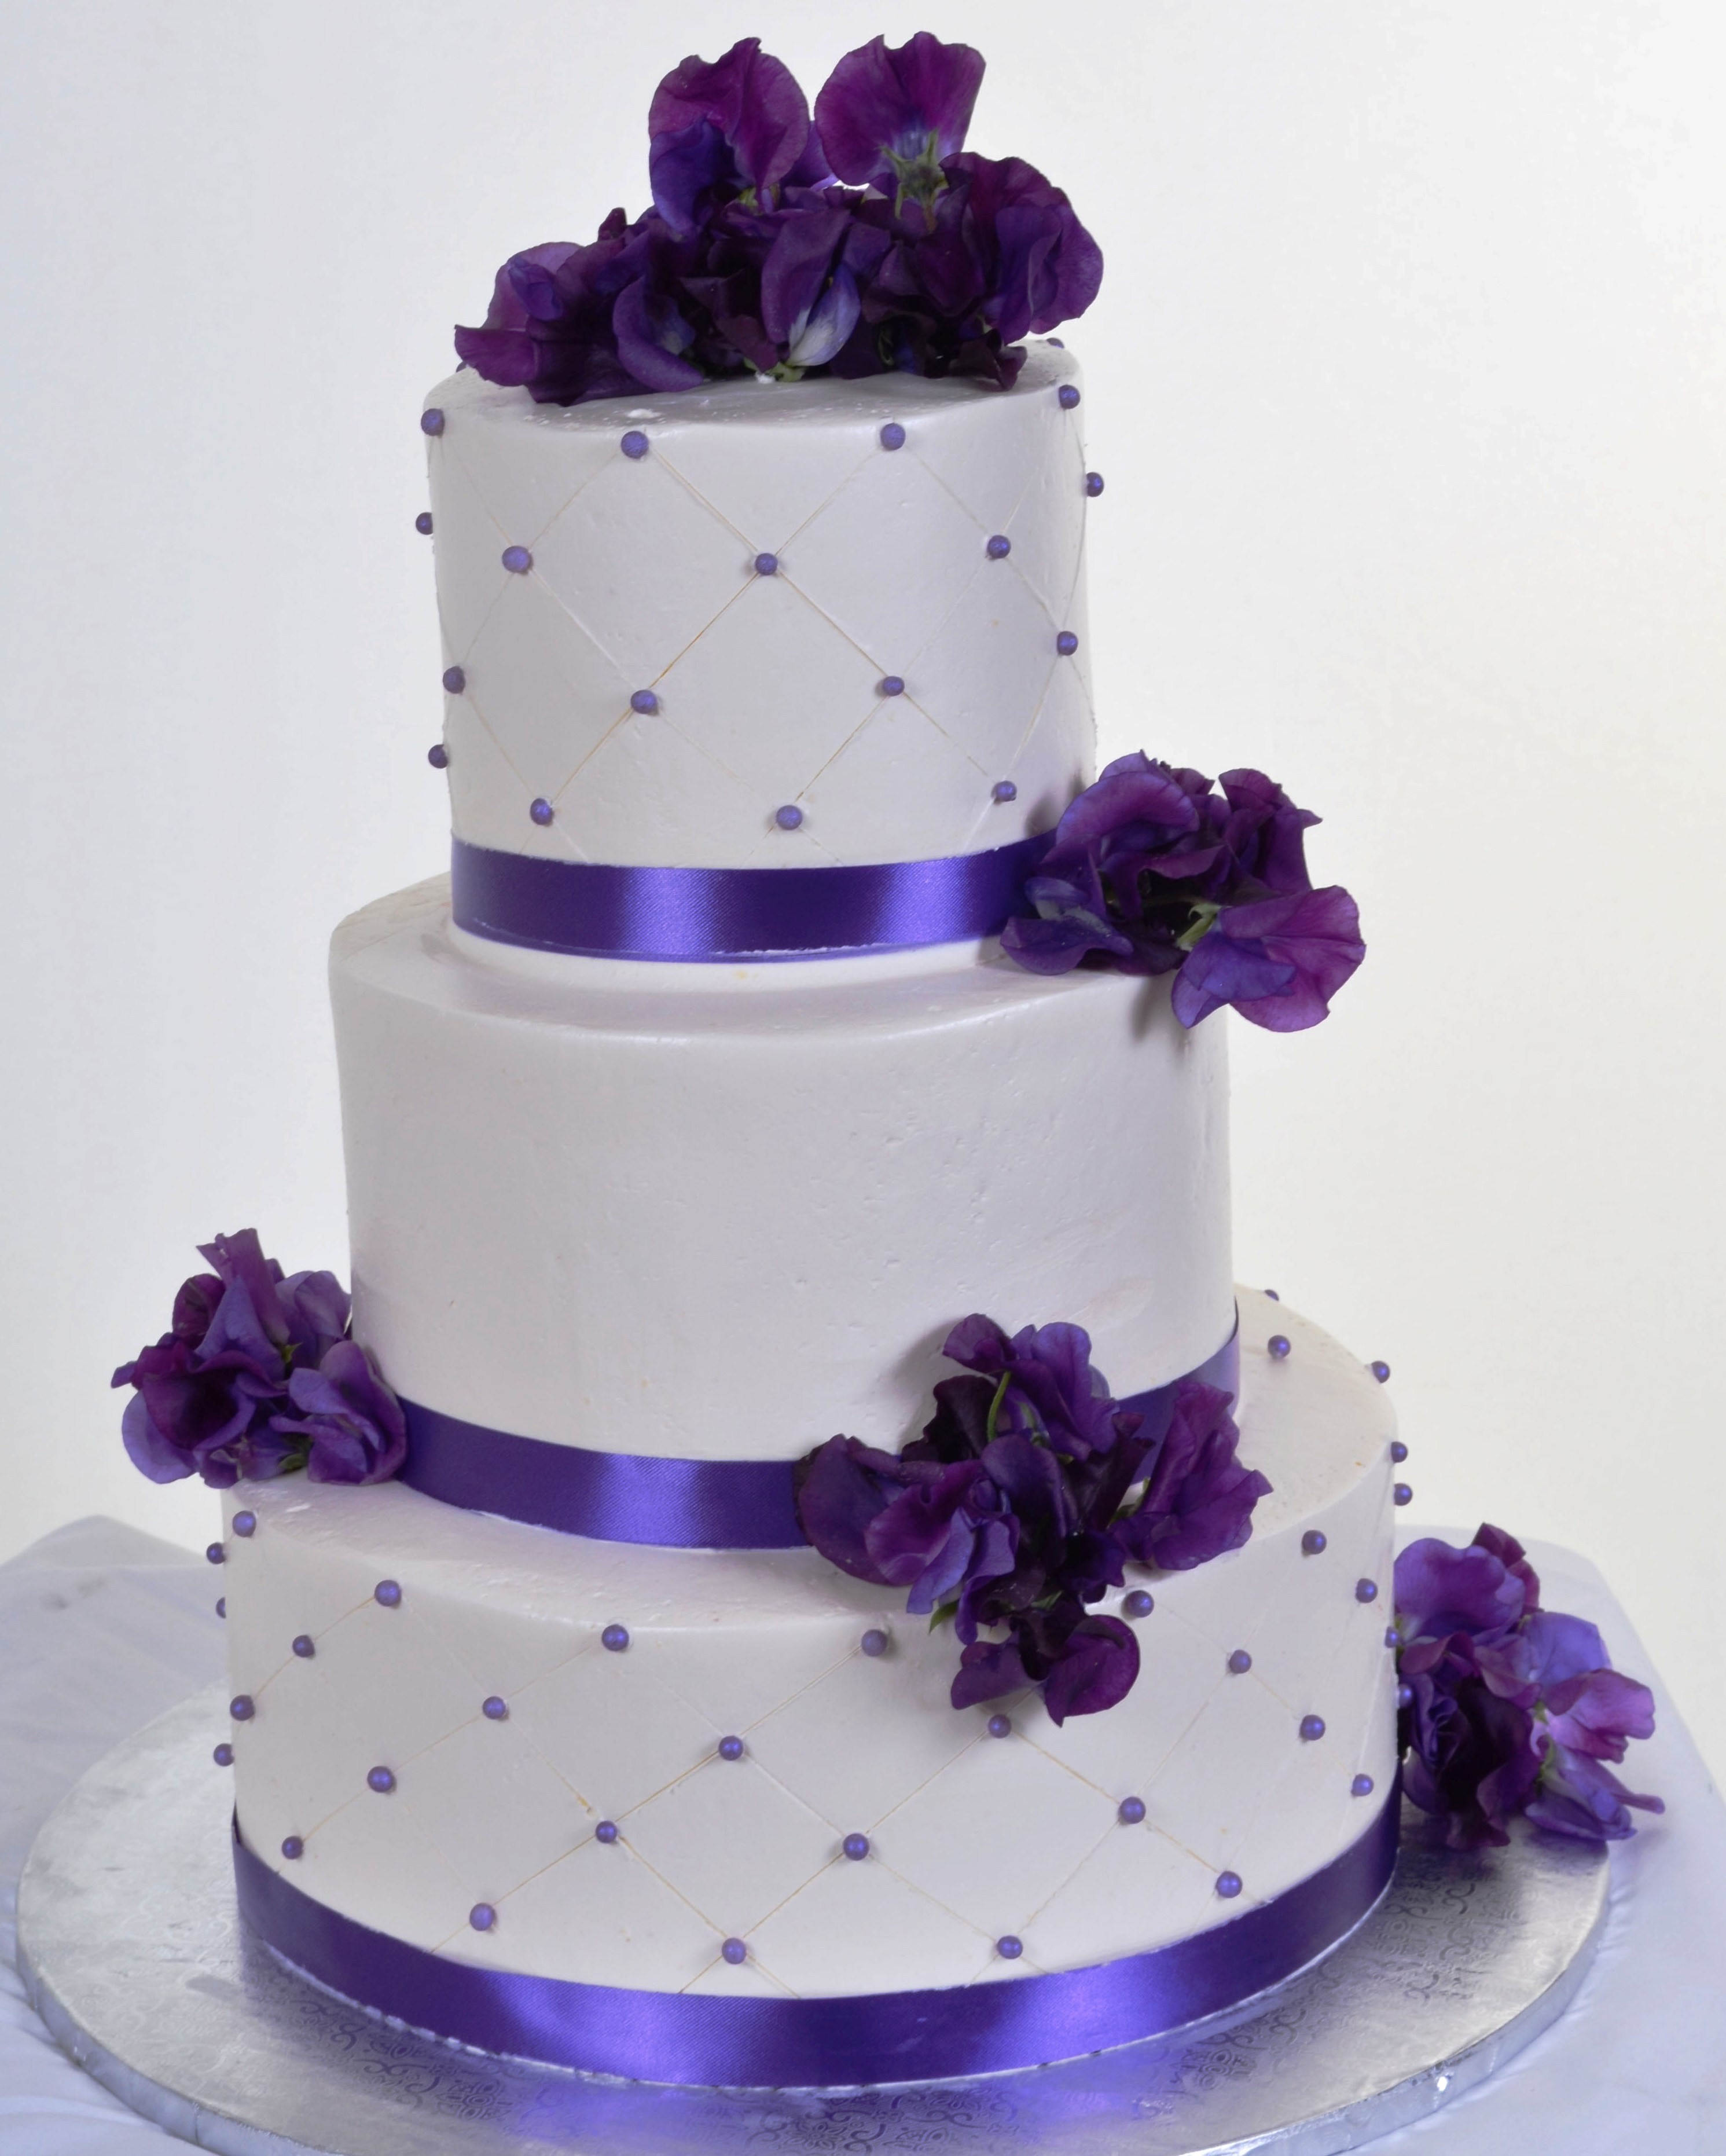 Tort weselny ceny i zdjęcia tortów weselnych